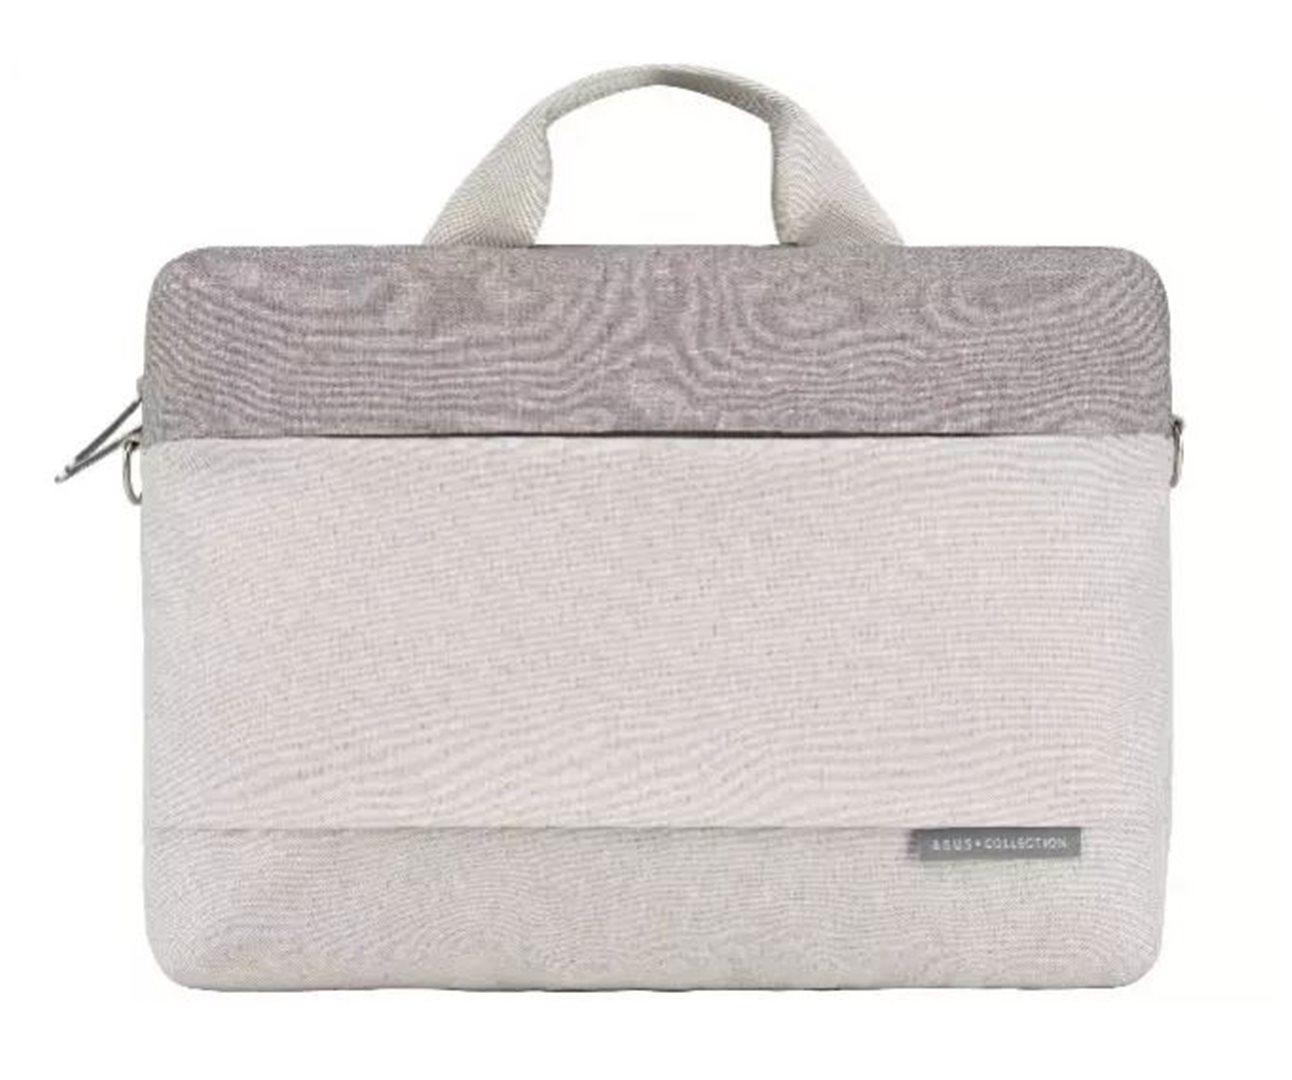 ASUS EOS 2 SHOULDER BAG, grey